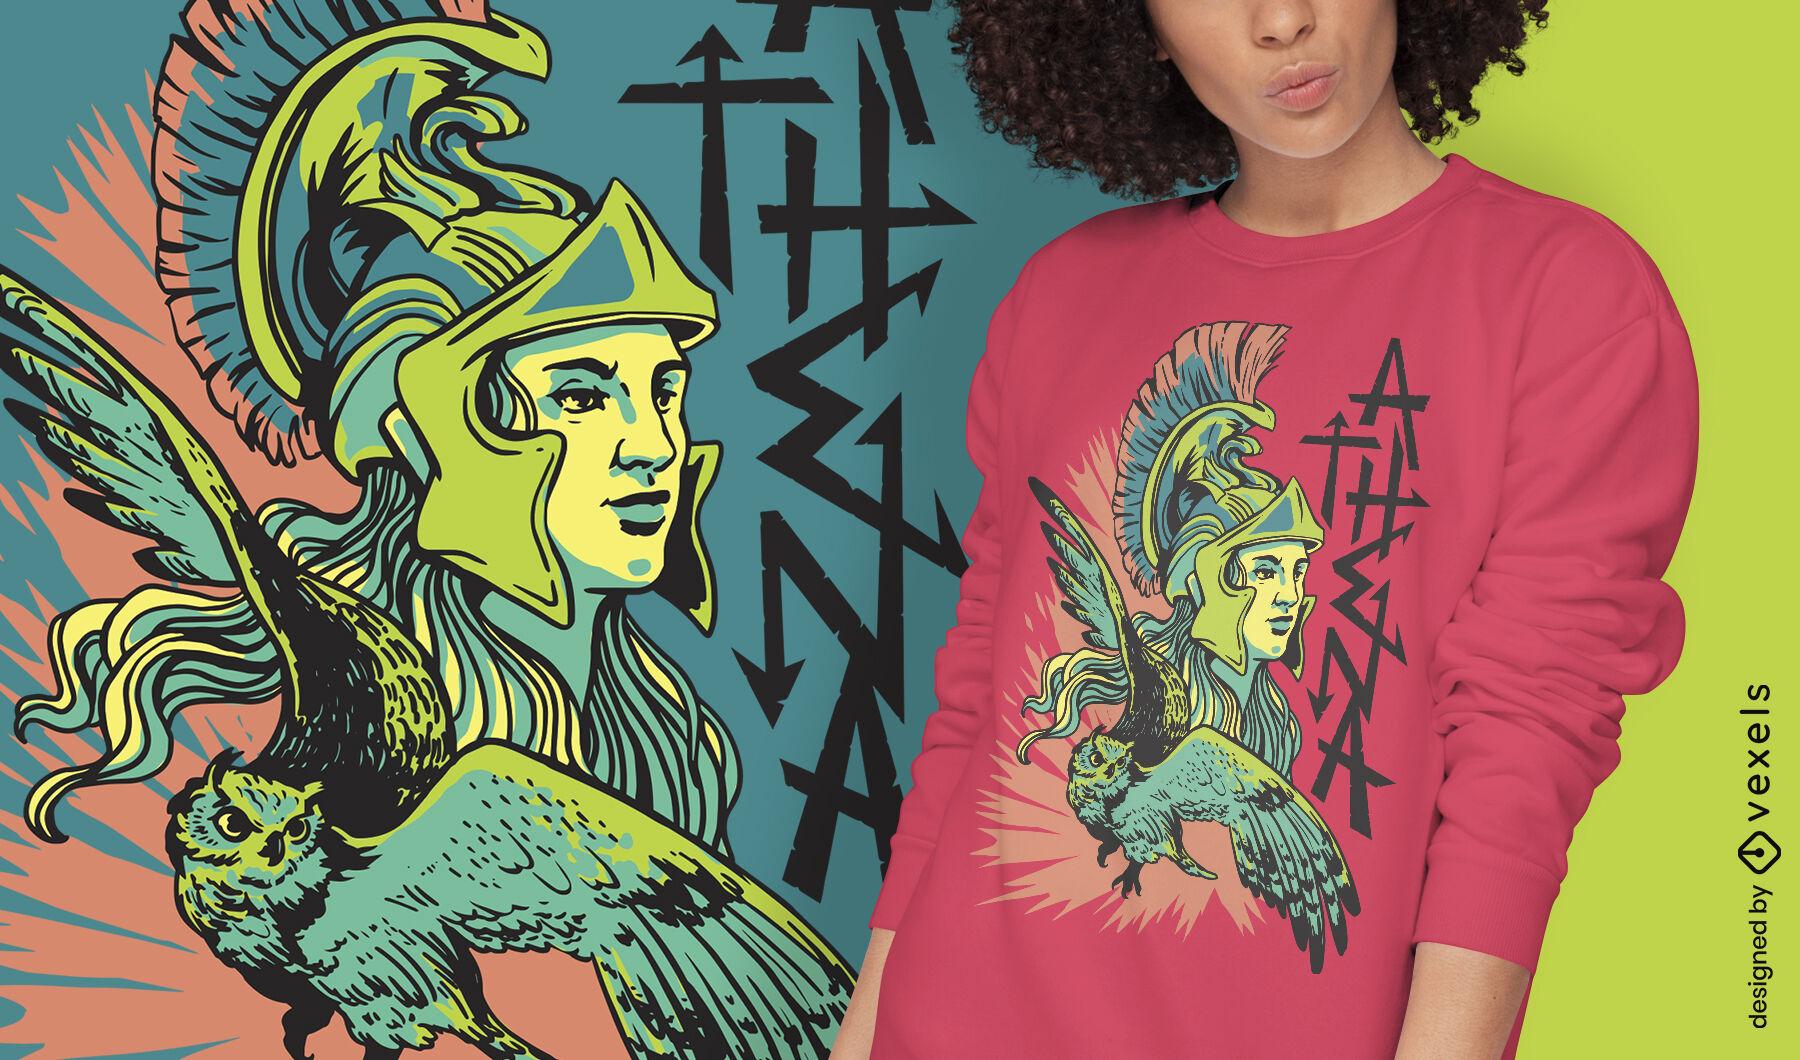 Athena-Göttin mythisches Griechenland-T-Shirt-Design